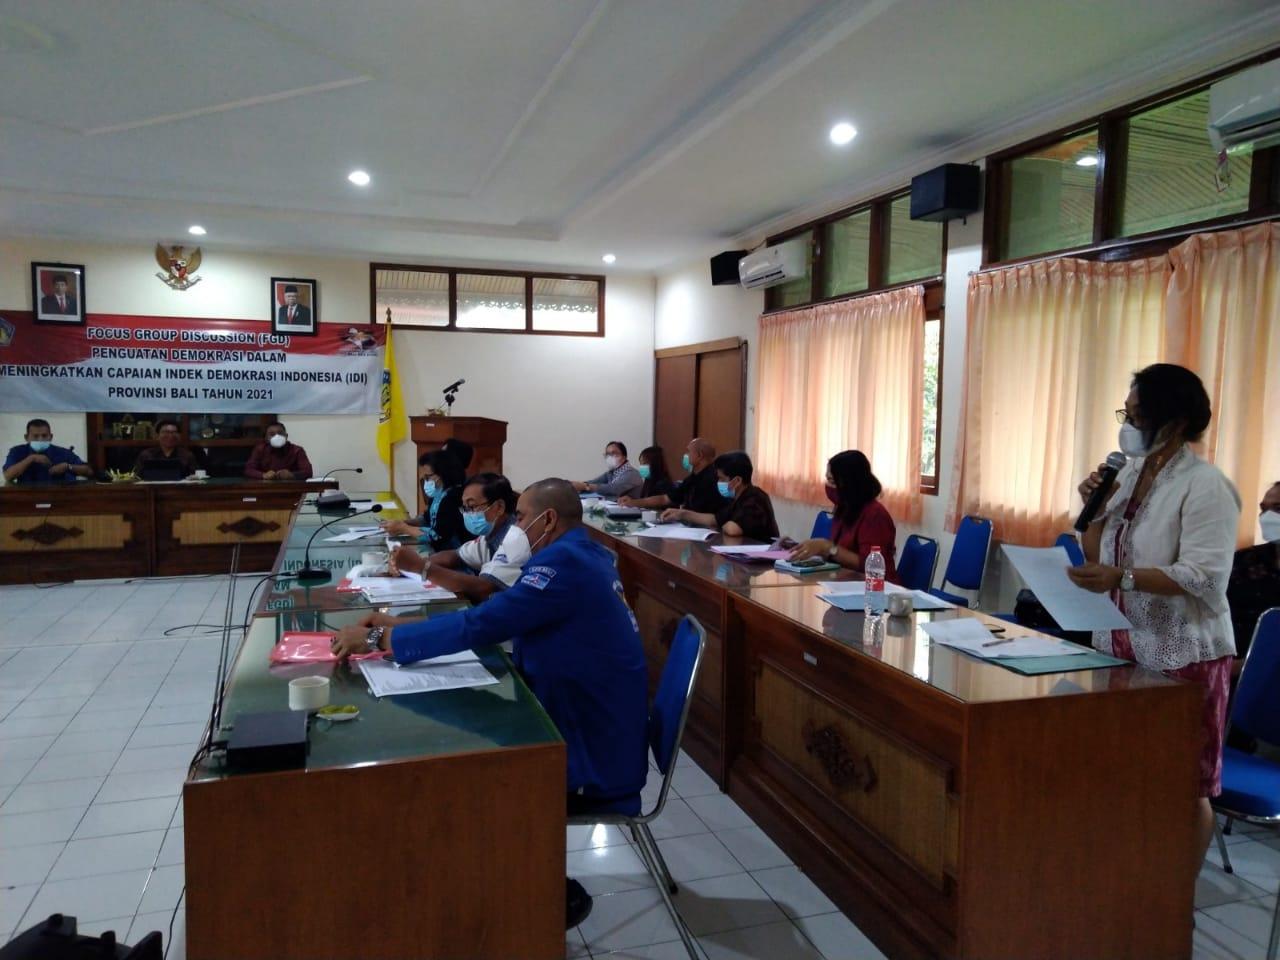 FGD membahas penguatan demokrasi dalam meningkatkan indeks demokrasi Indonesia Provinsi Bali tahun 2021, di kantor Kesbangpolinmas Bali, Selasa (6/4/2021). Foto: ist